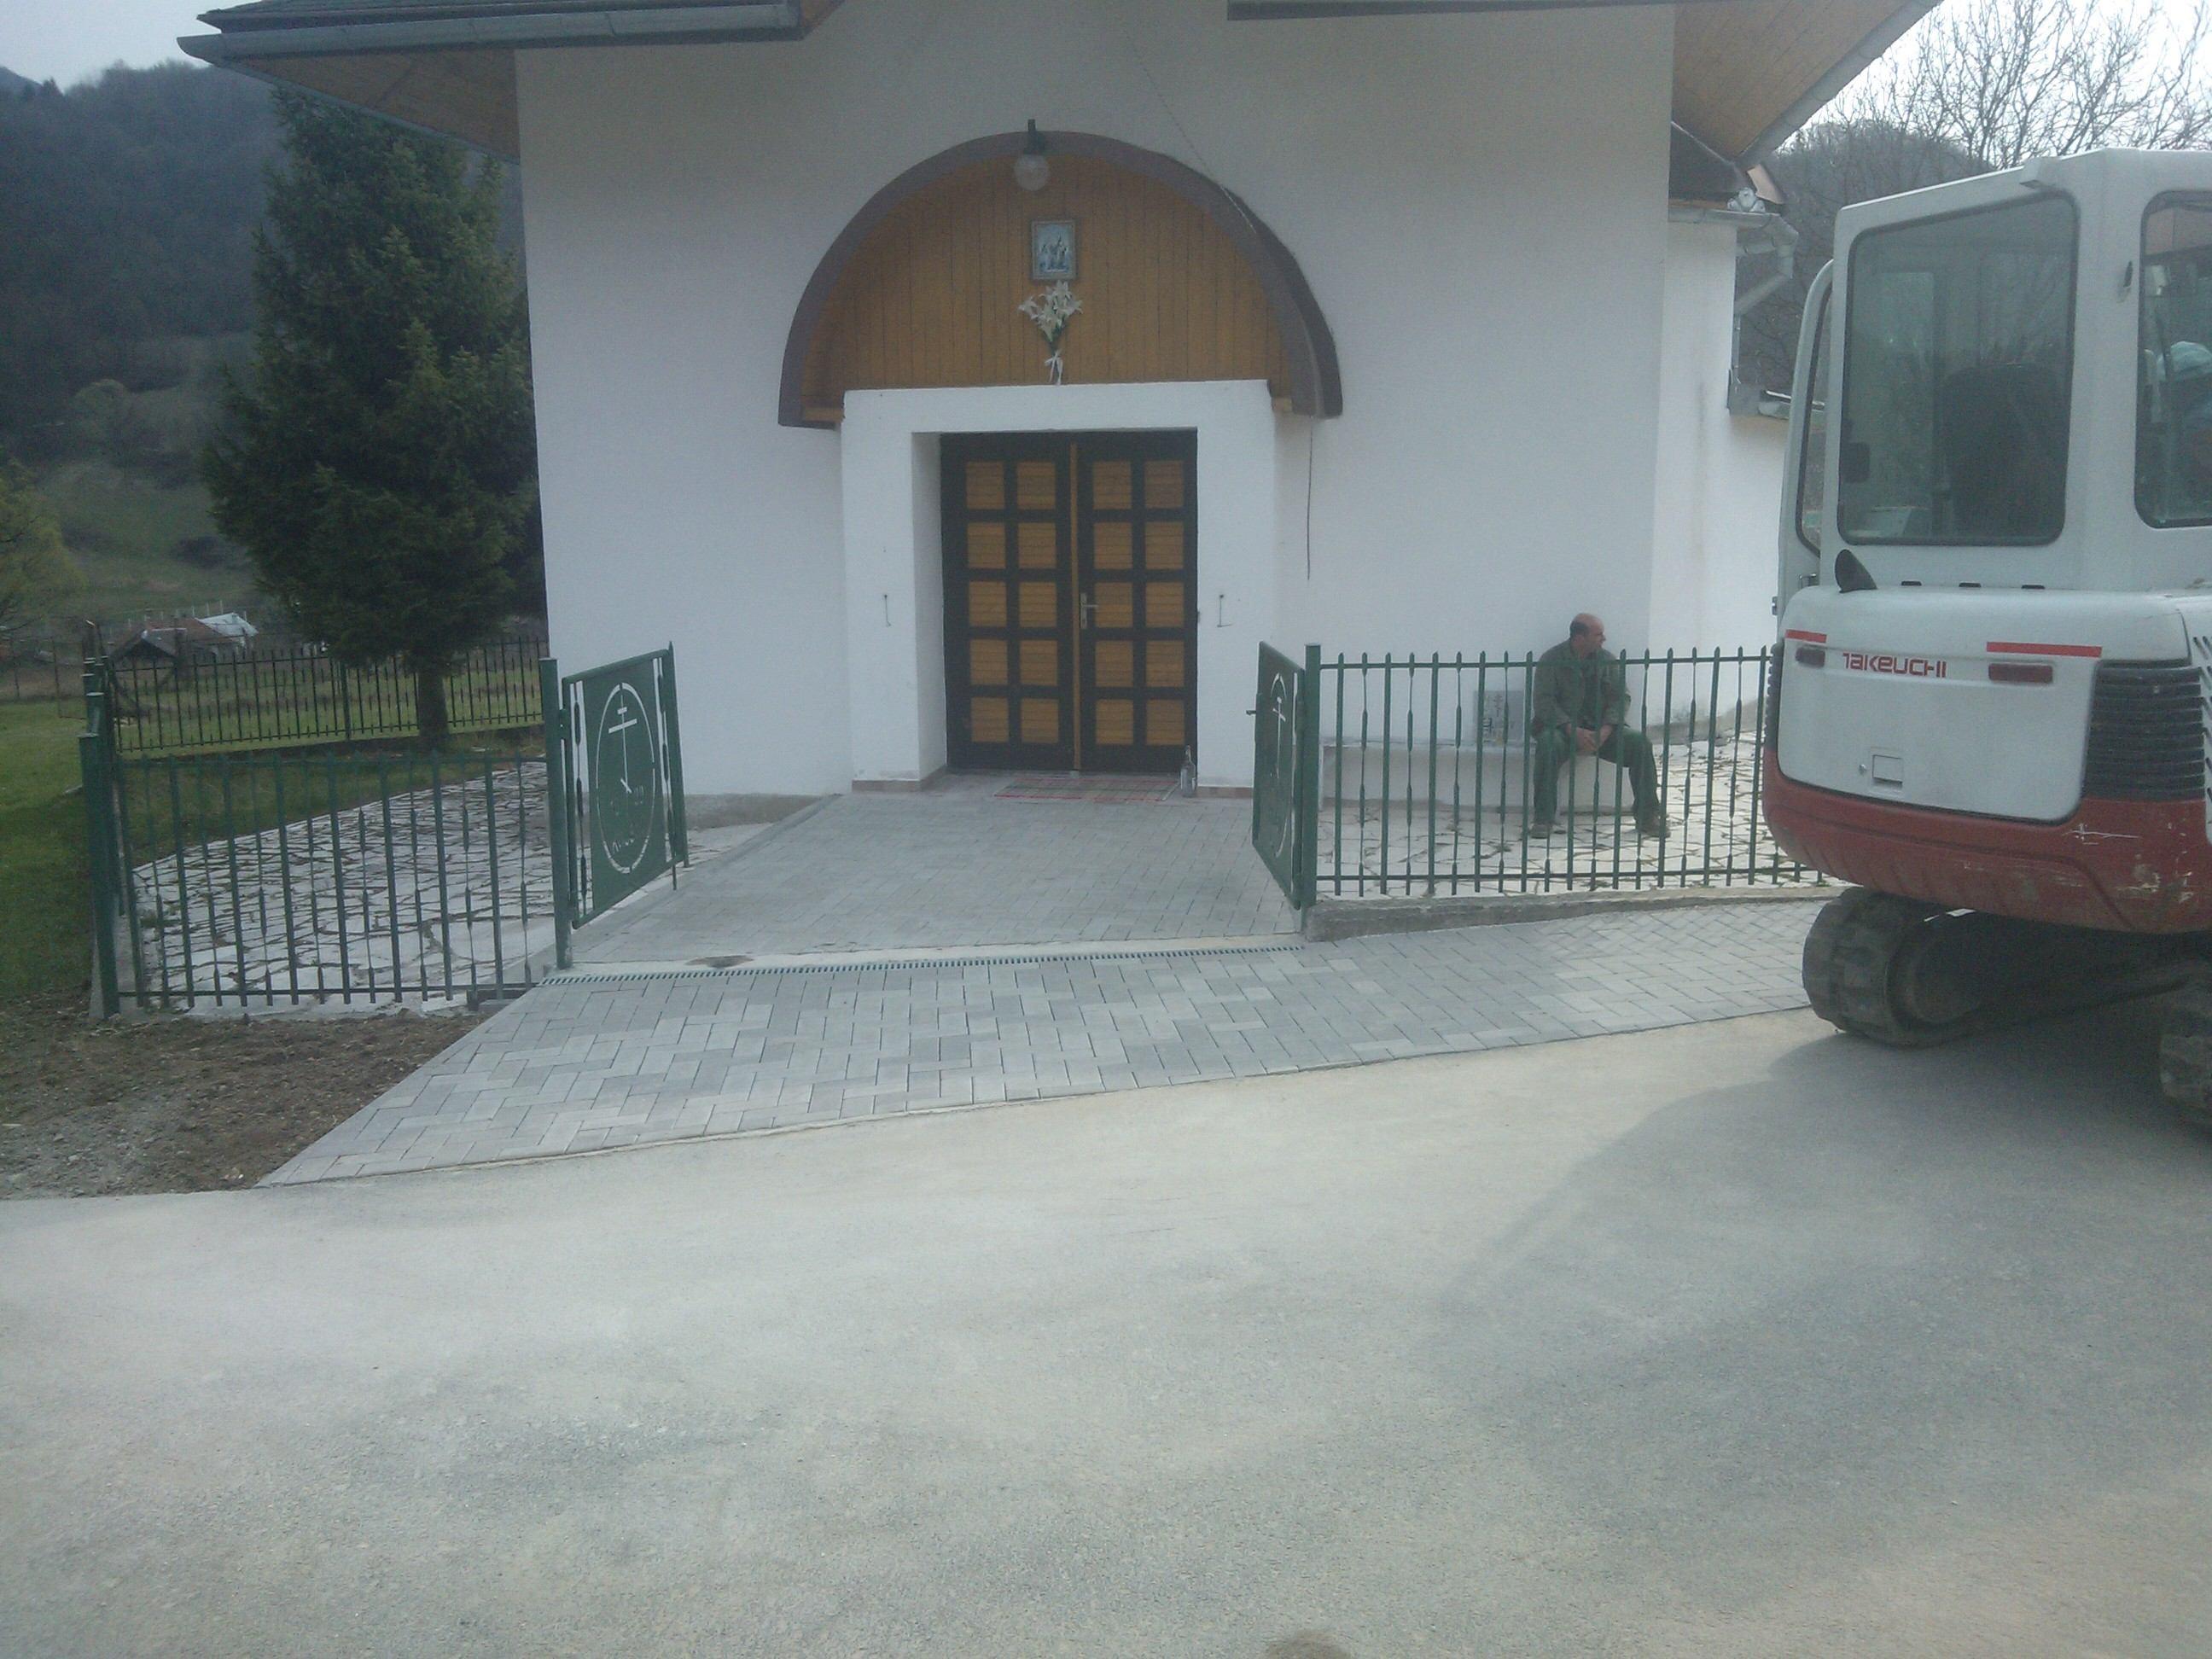 dlazba_pravoslavny_kostol_10